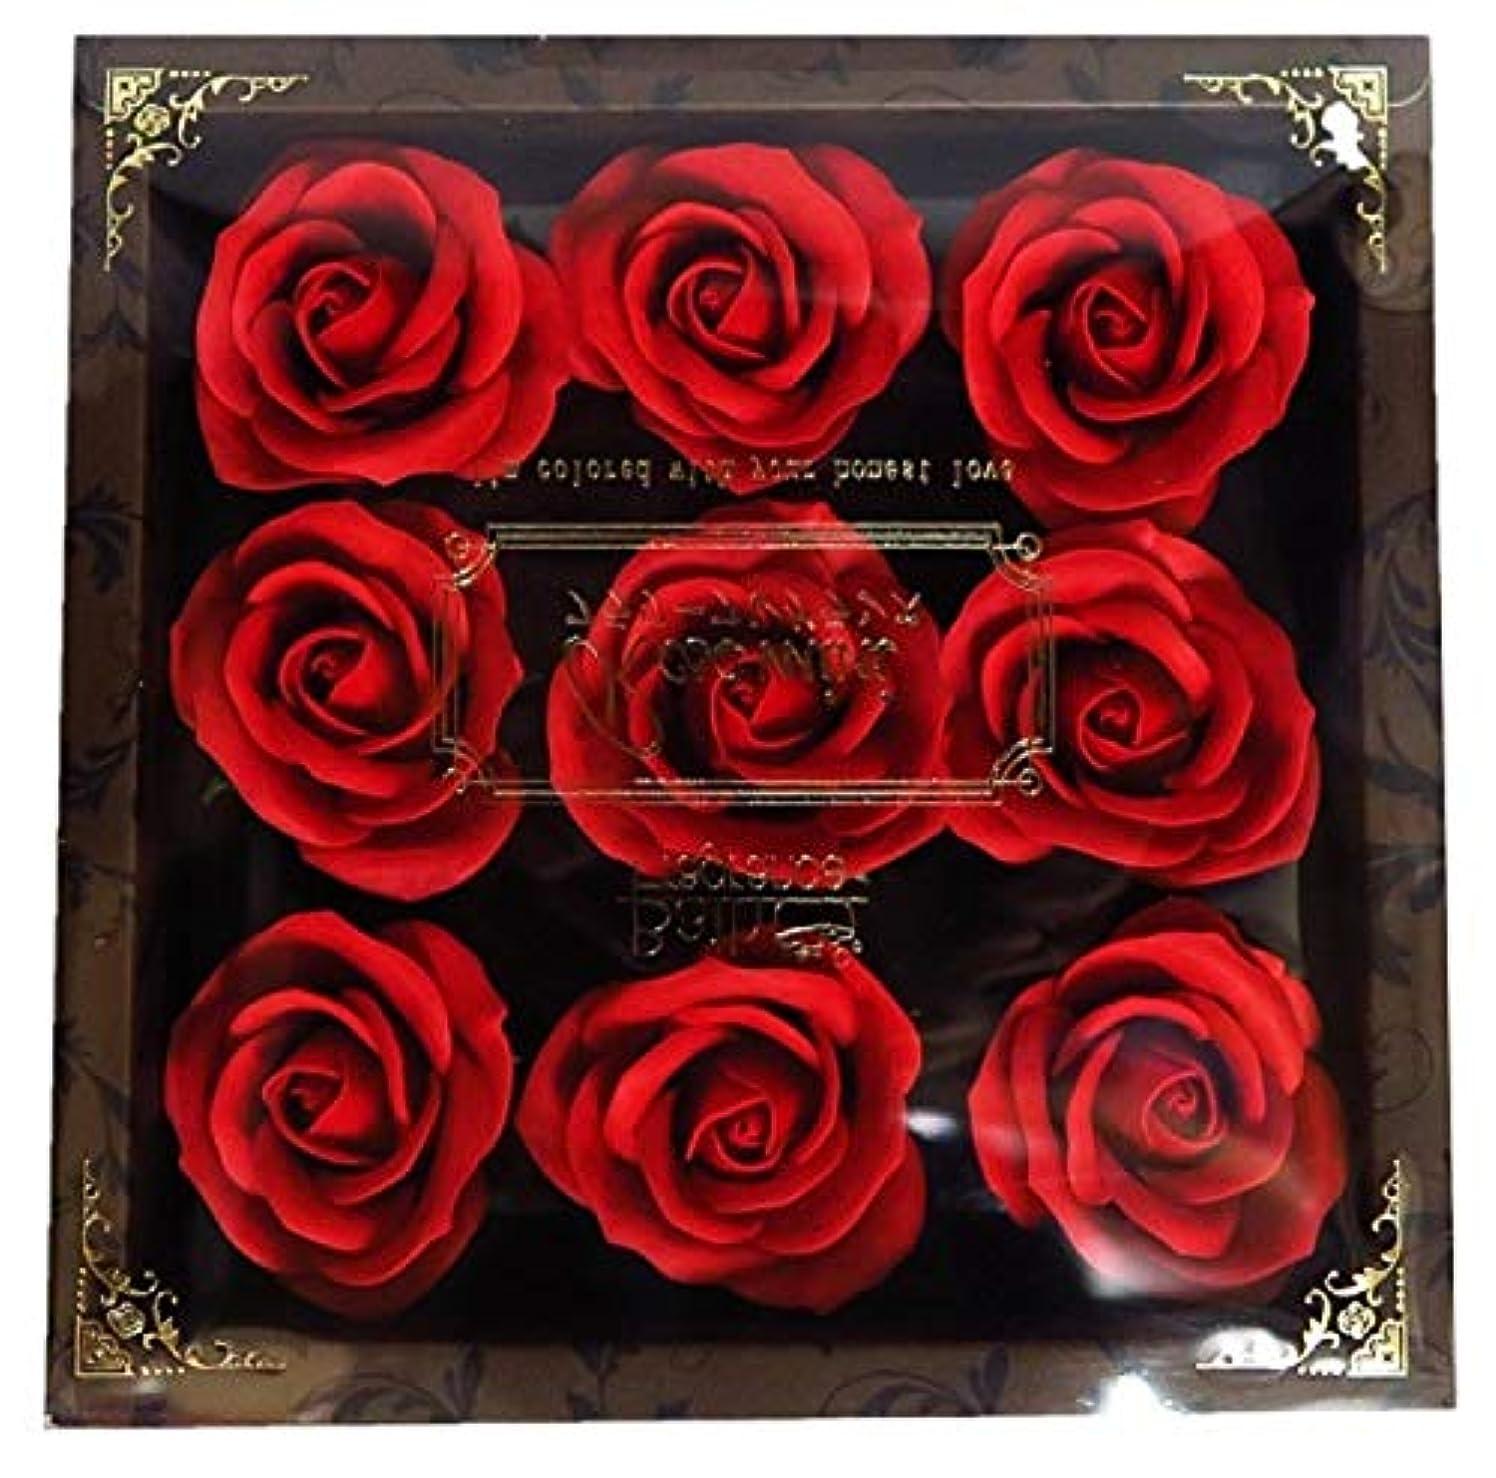 アサー対角線アクセントバスフレグランス フラワーフレグランス ミニローズフレグランス(L)レッド ギフト お花の形の入浴剤 プレゼント ばら